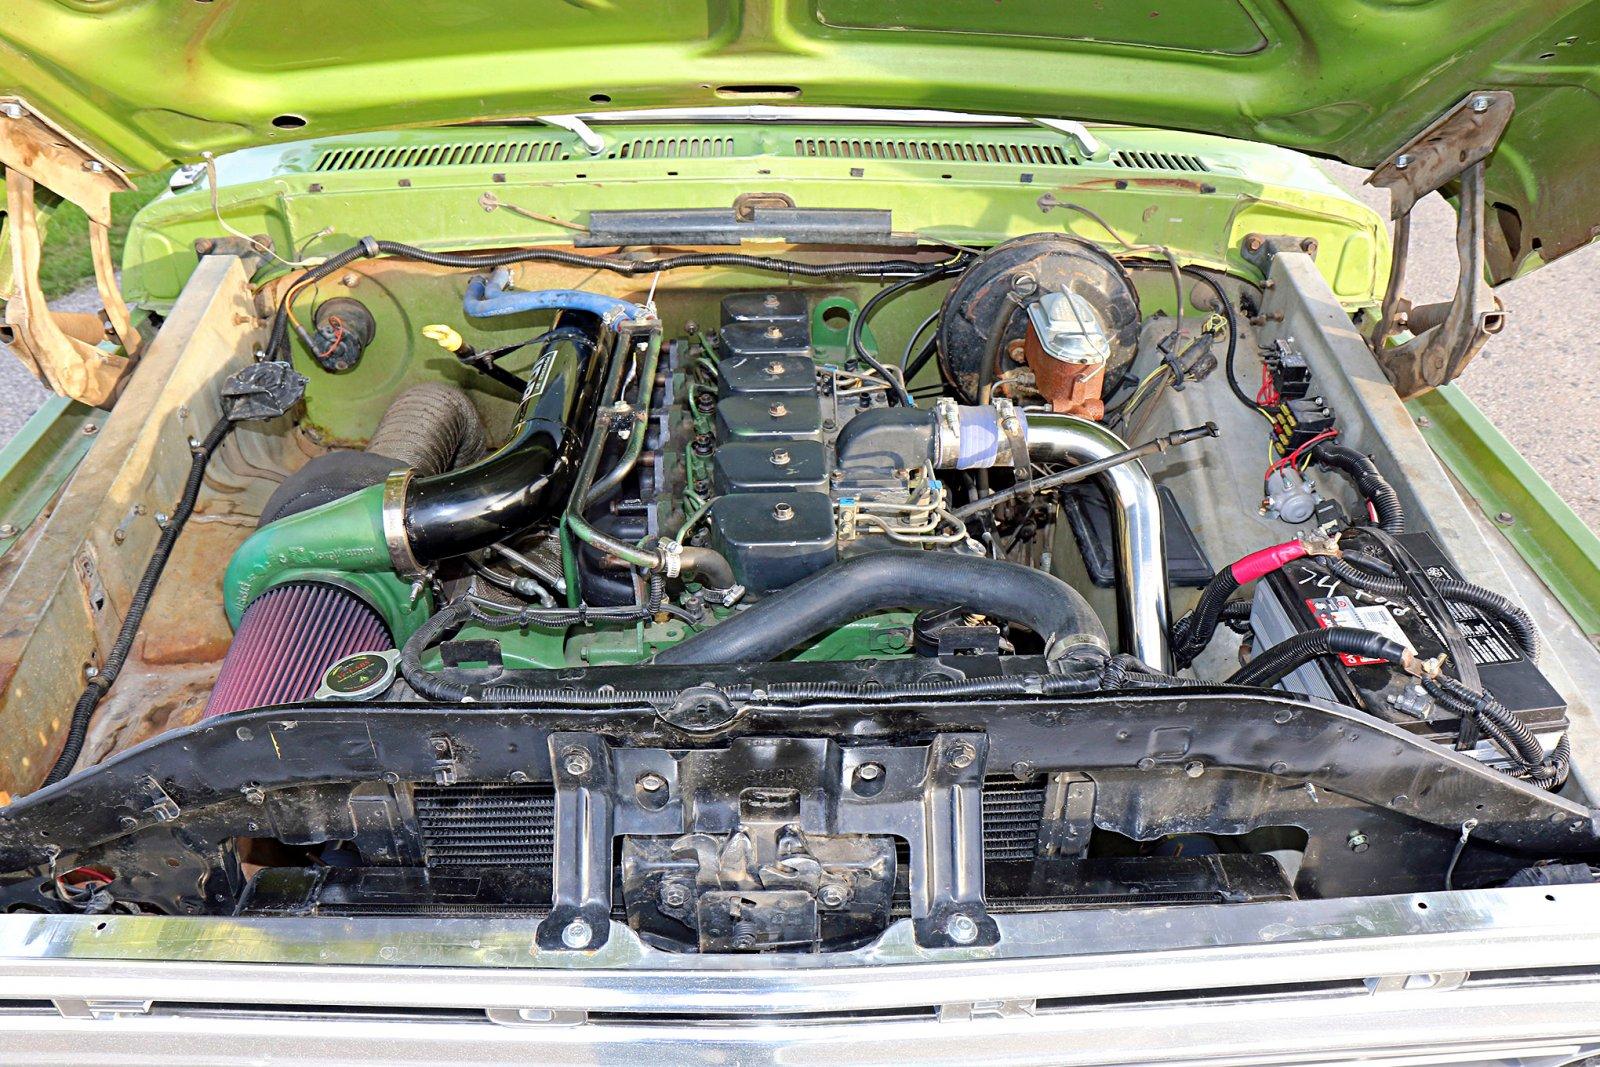 005-northern-ranger-engine.jpg